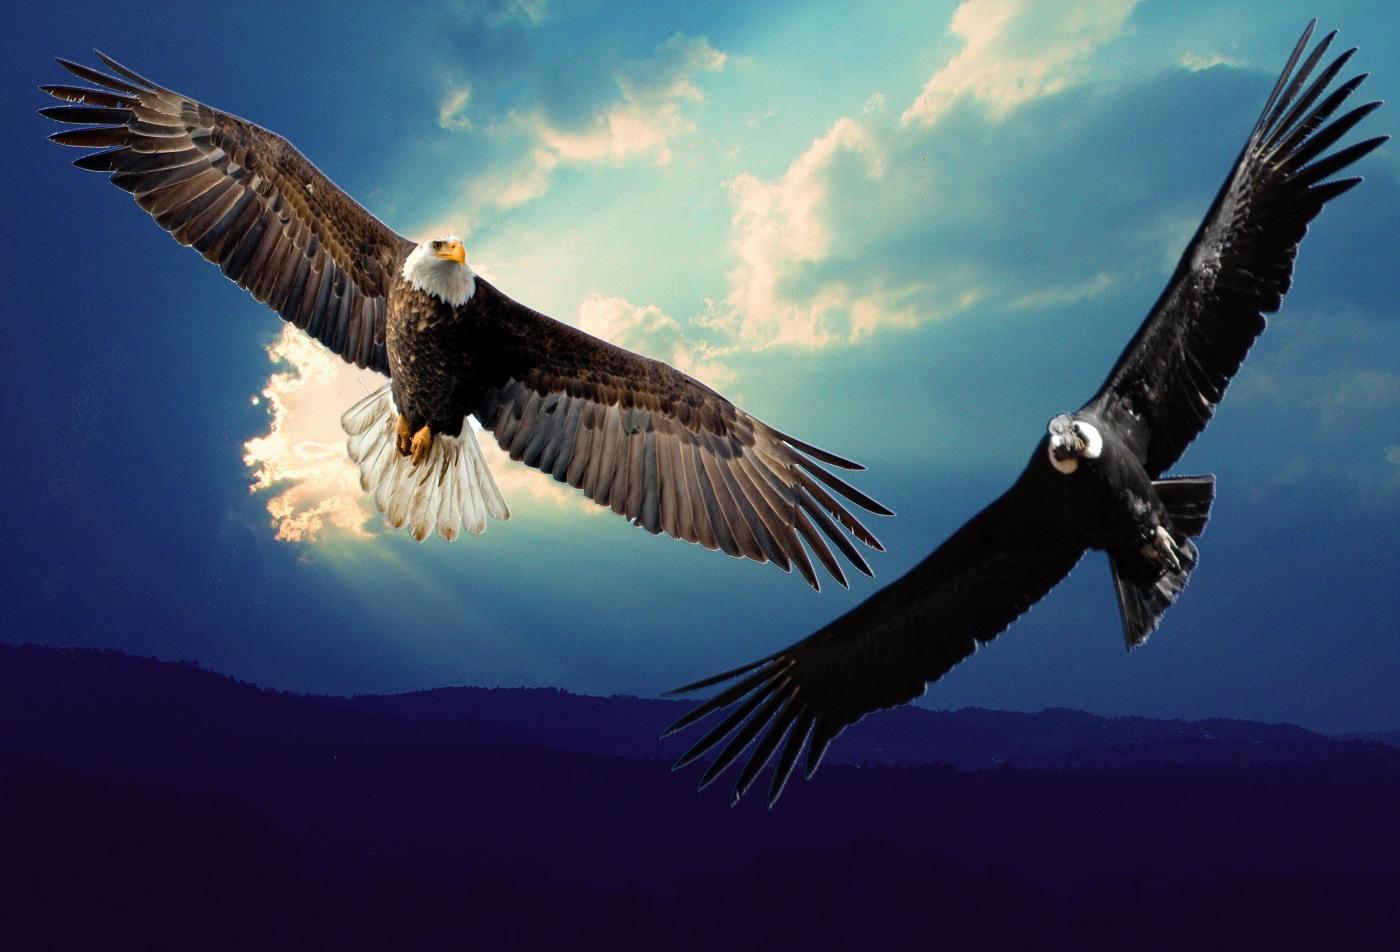 Die Prophezeiung vom Adler und Kondor. Der Adler muss sehen, der Kondor sich erheben.